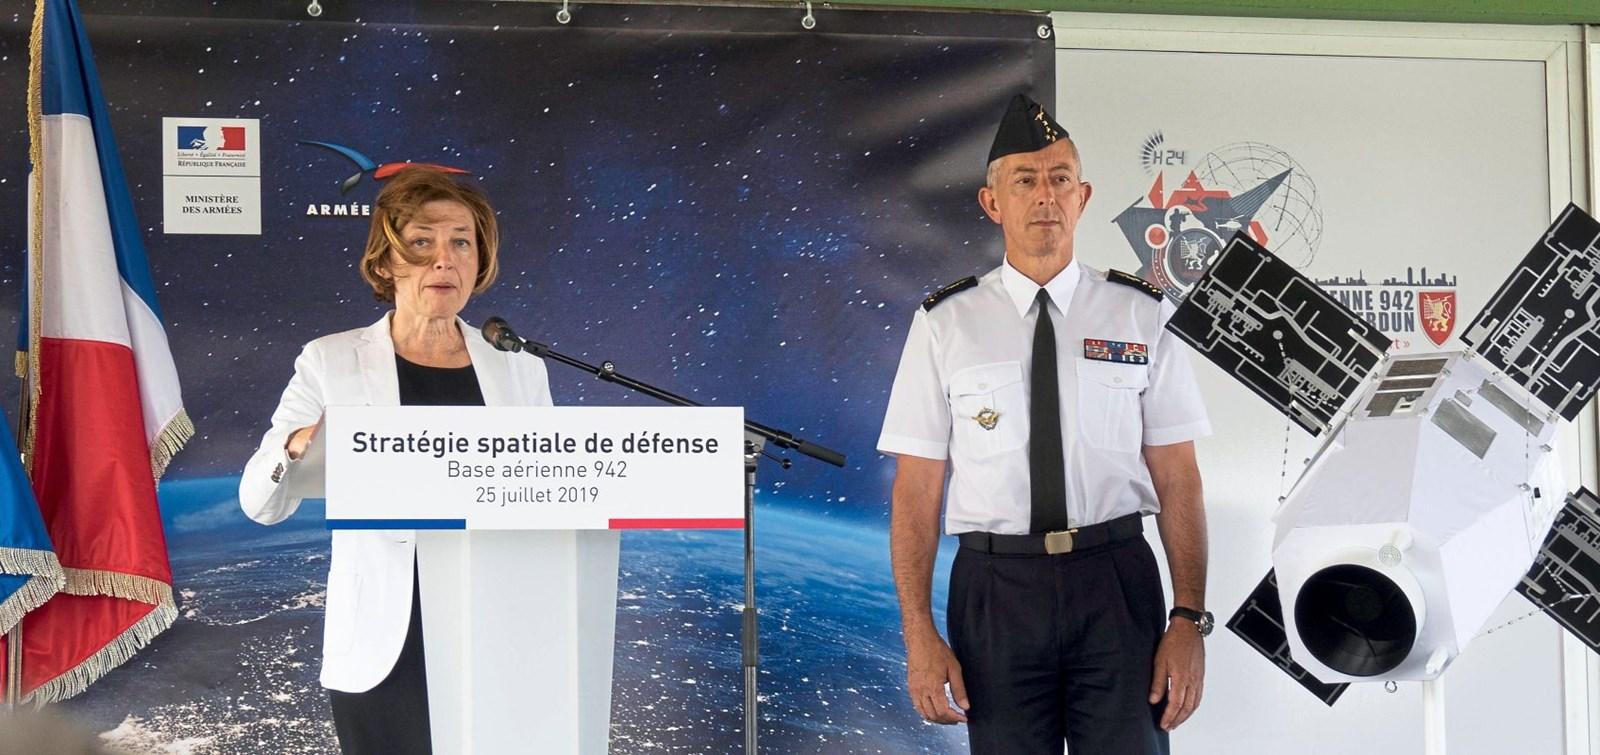 Neue Weltraumstrategie: Frankreich will im All aufrüsten – derStandard.at